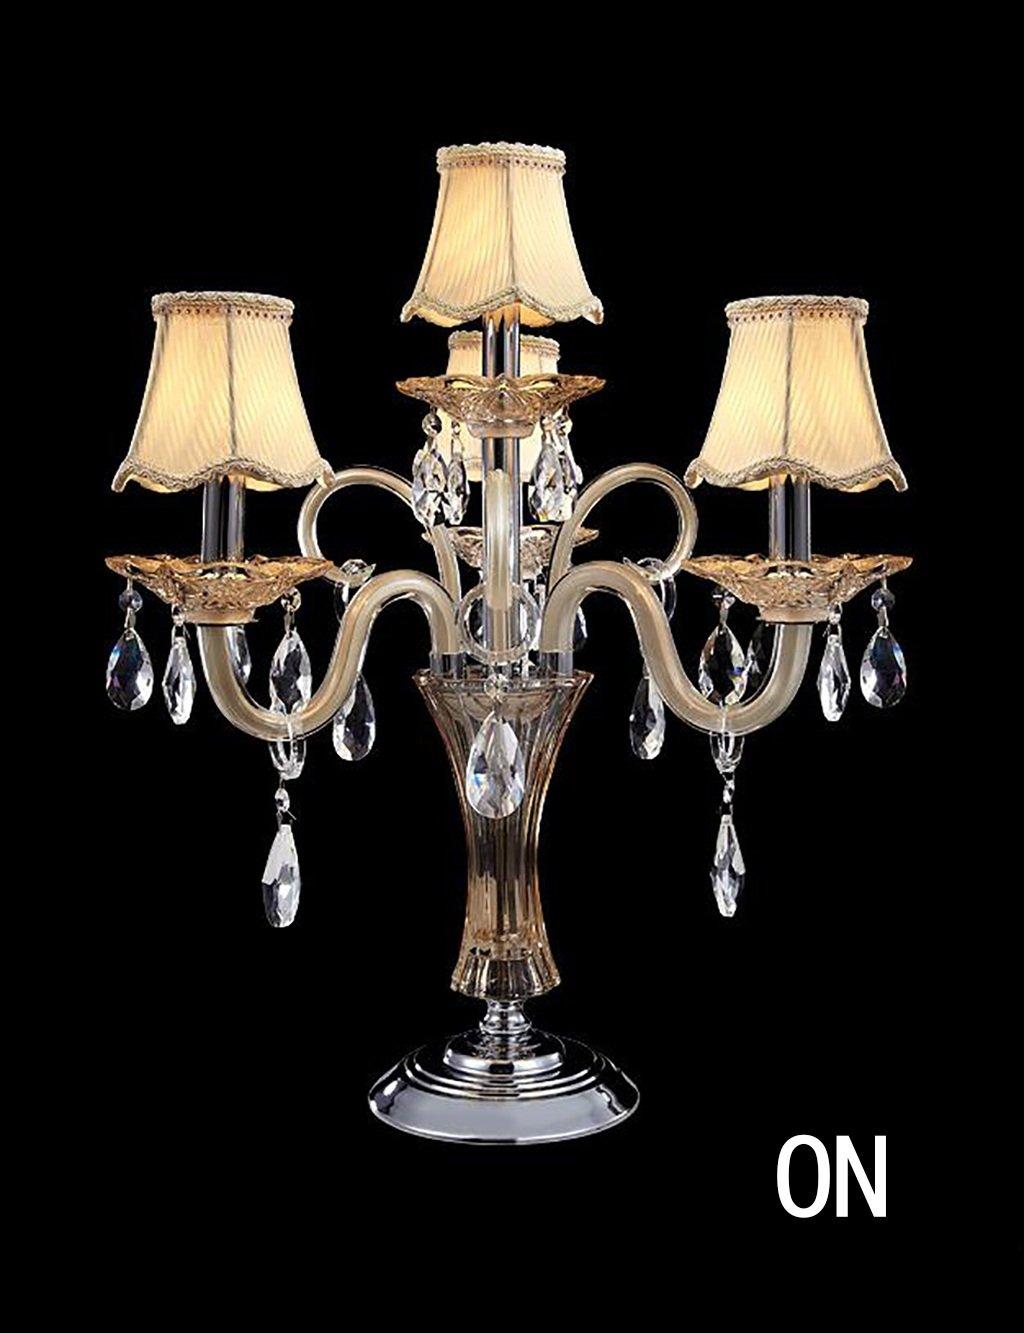 Europäische - Stil Luxusmode-Schlafzimmer Nacht Study Room-Kristallglas-Tischleuchten